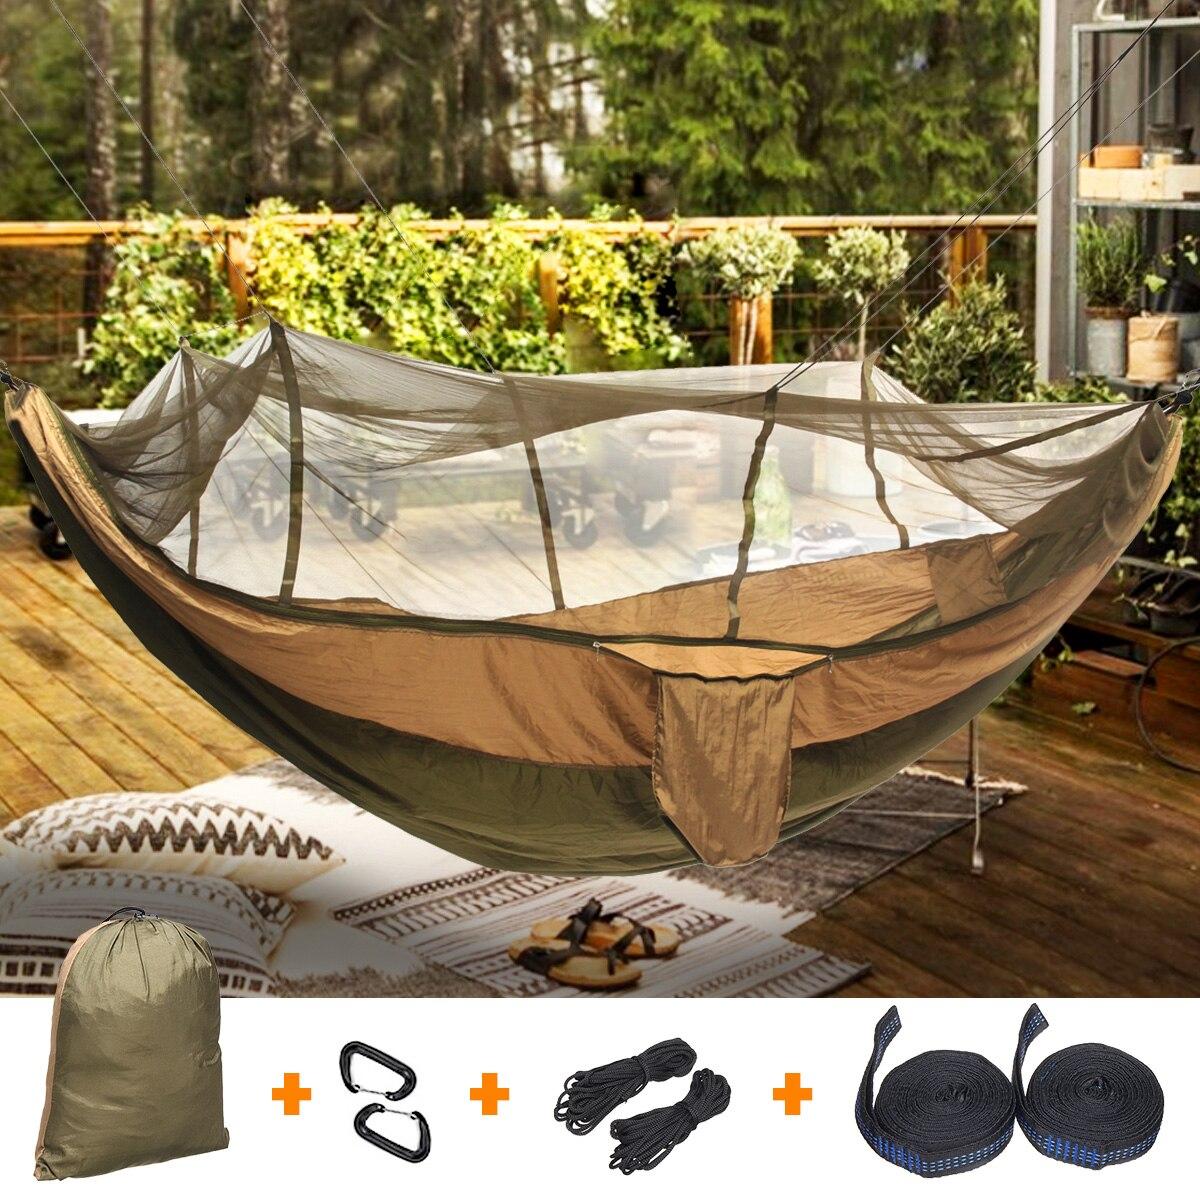 260x140 cm Anti-moustique Portable extérieur hamac Camping suspendu lit de couchage avec moustiquaire jardin balançoire relaxant hamac